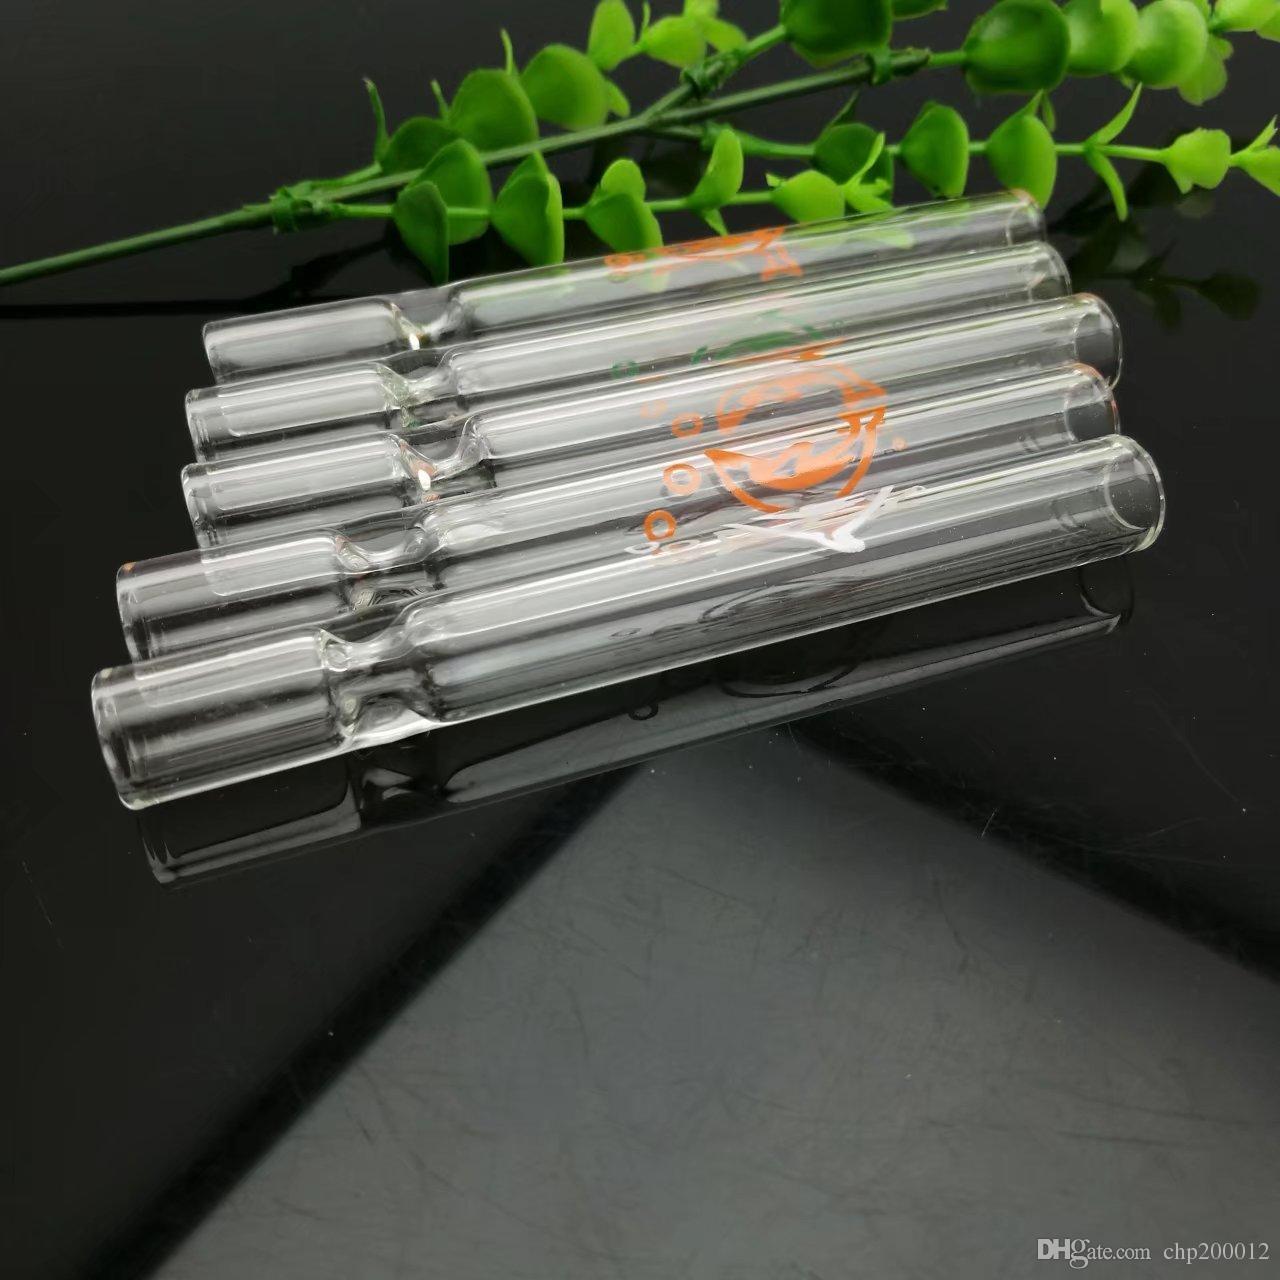 Transparente Delfin Glas saugen Großhandel Glas Bongs Ölbrenner Glas Wasserleitungen Ölplattformen Raucherplattformen